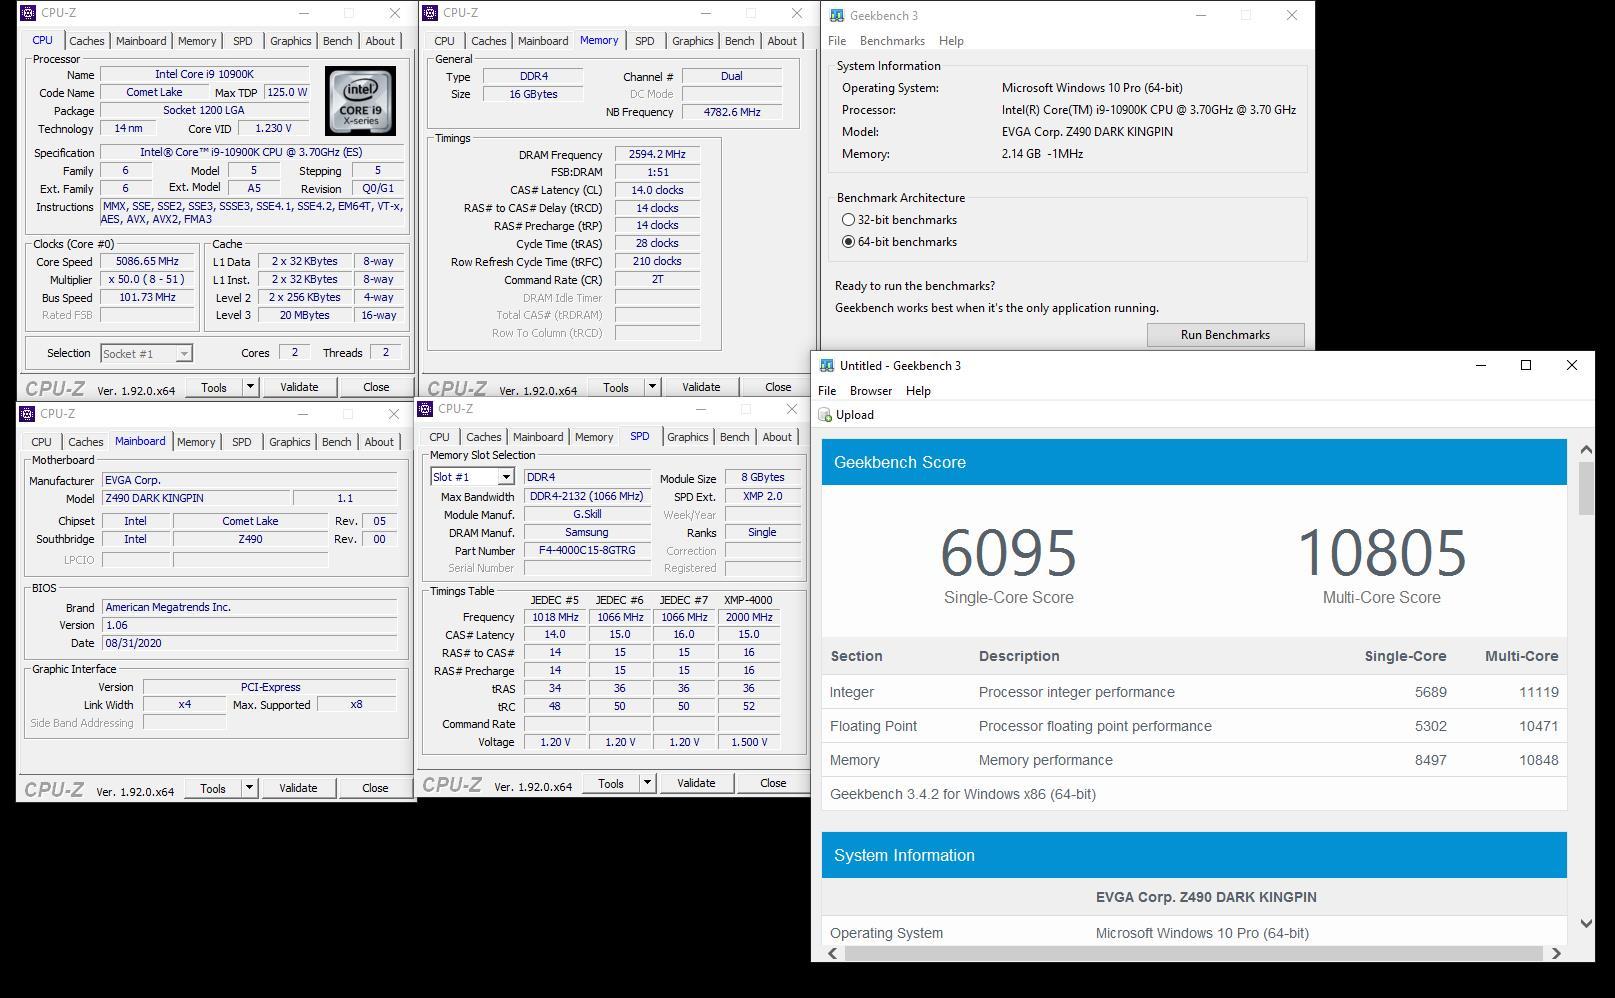 10900K_Z490_DARK_KP_2x8GB_2594MHz_14-14-14-28_2T_GB3.jpg